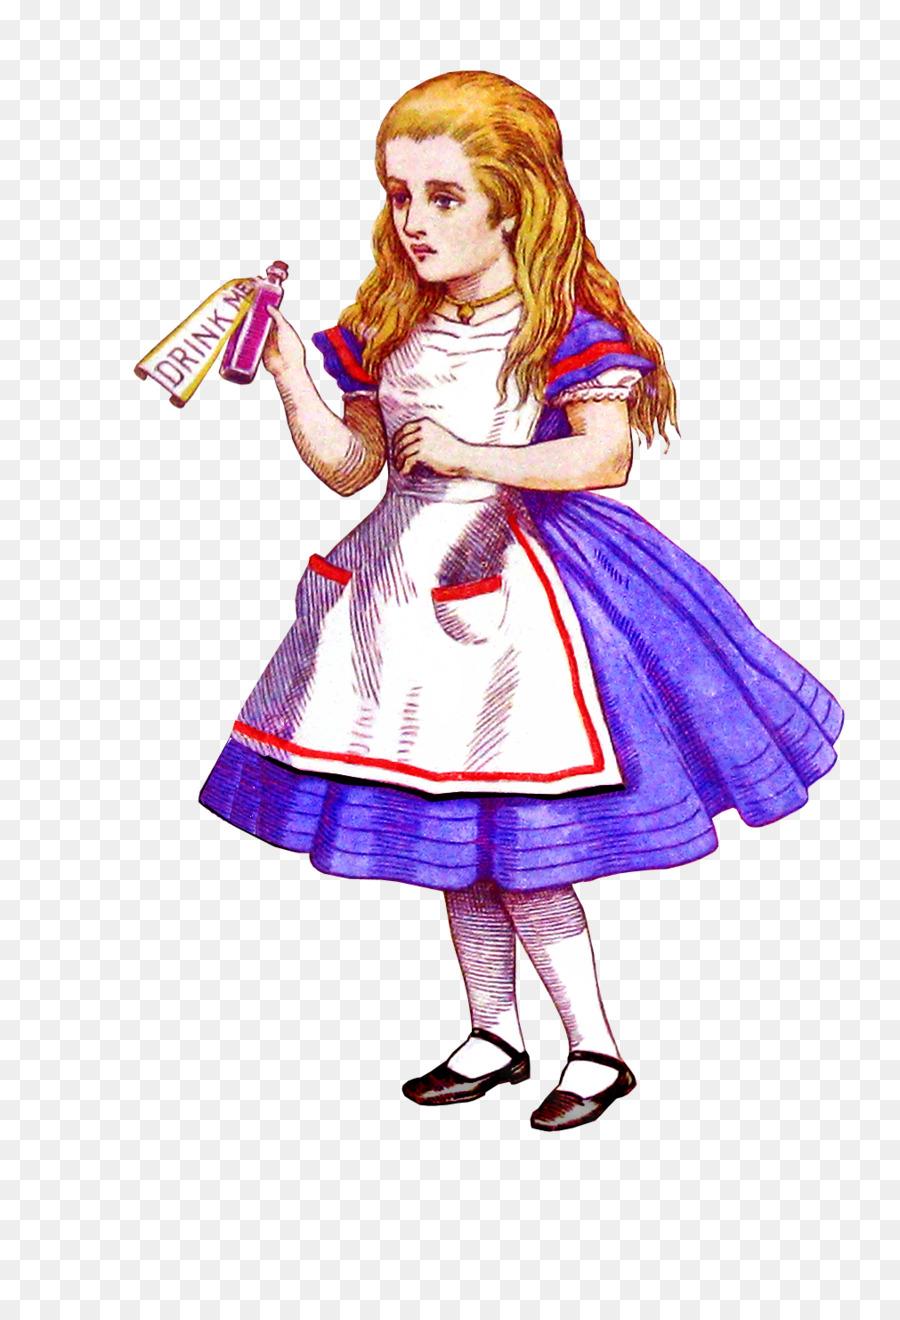 Le Avventure Di Alice Nel Paese Delle Meraviglie Cappellaio Matto